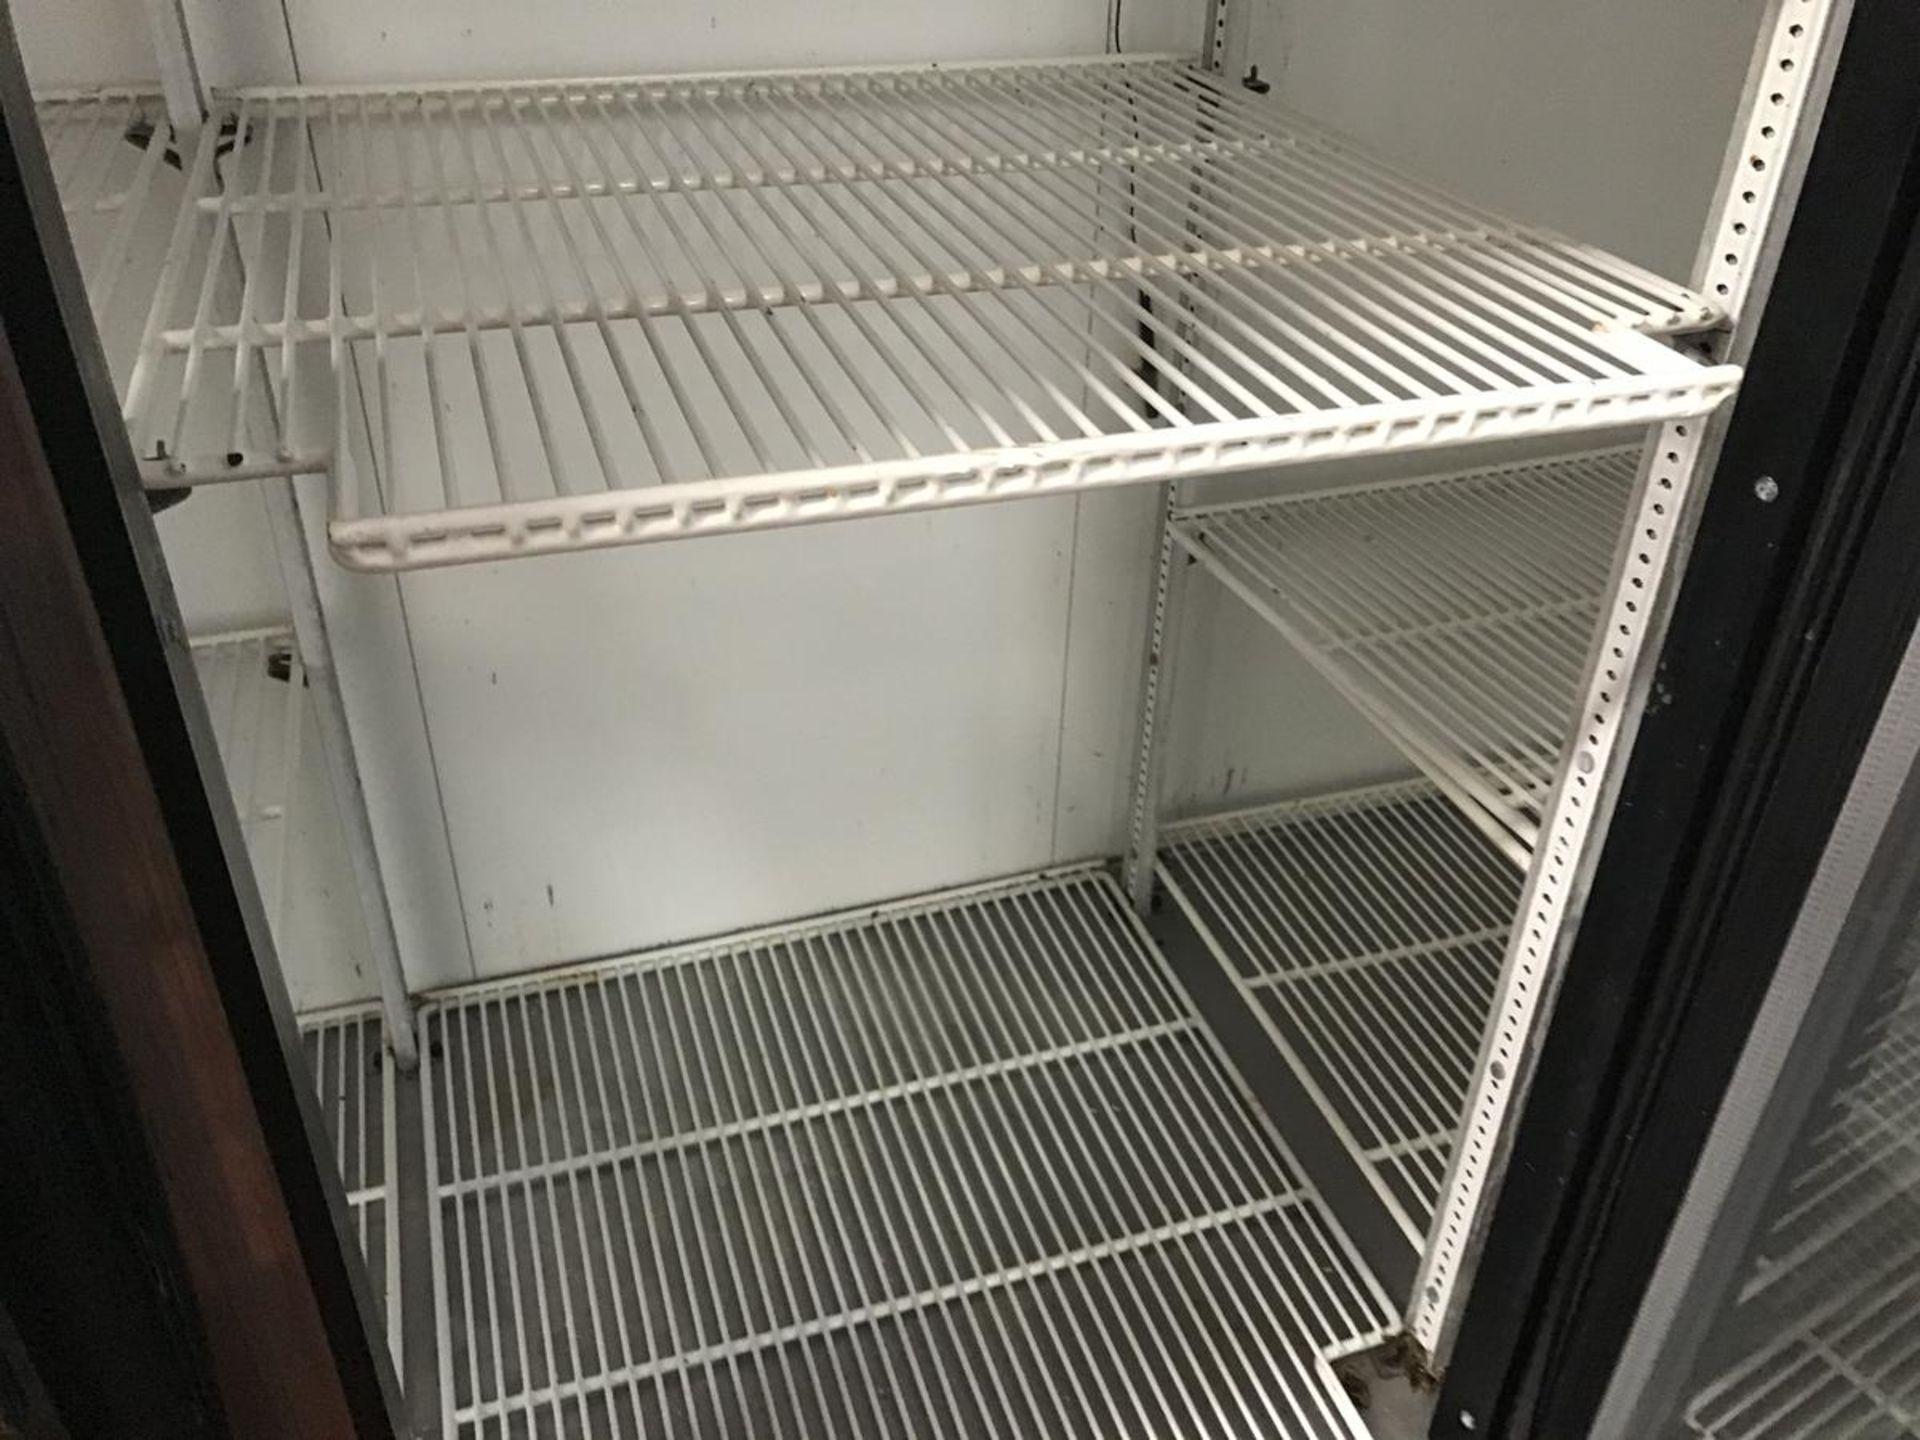 Lot 358 - 3-Door Cooler with Glass Doors | Rig Fee: $100